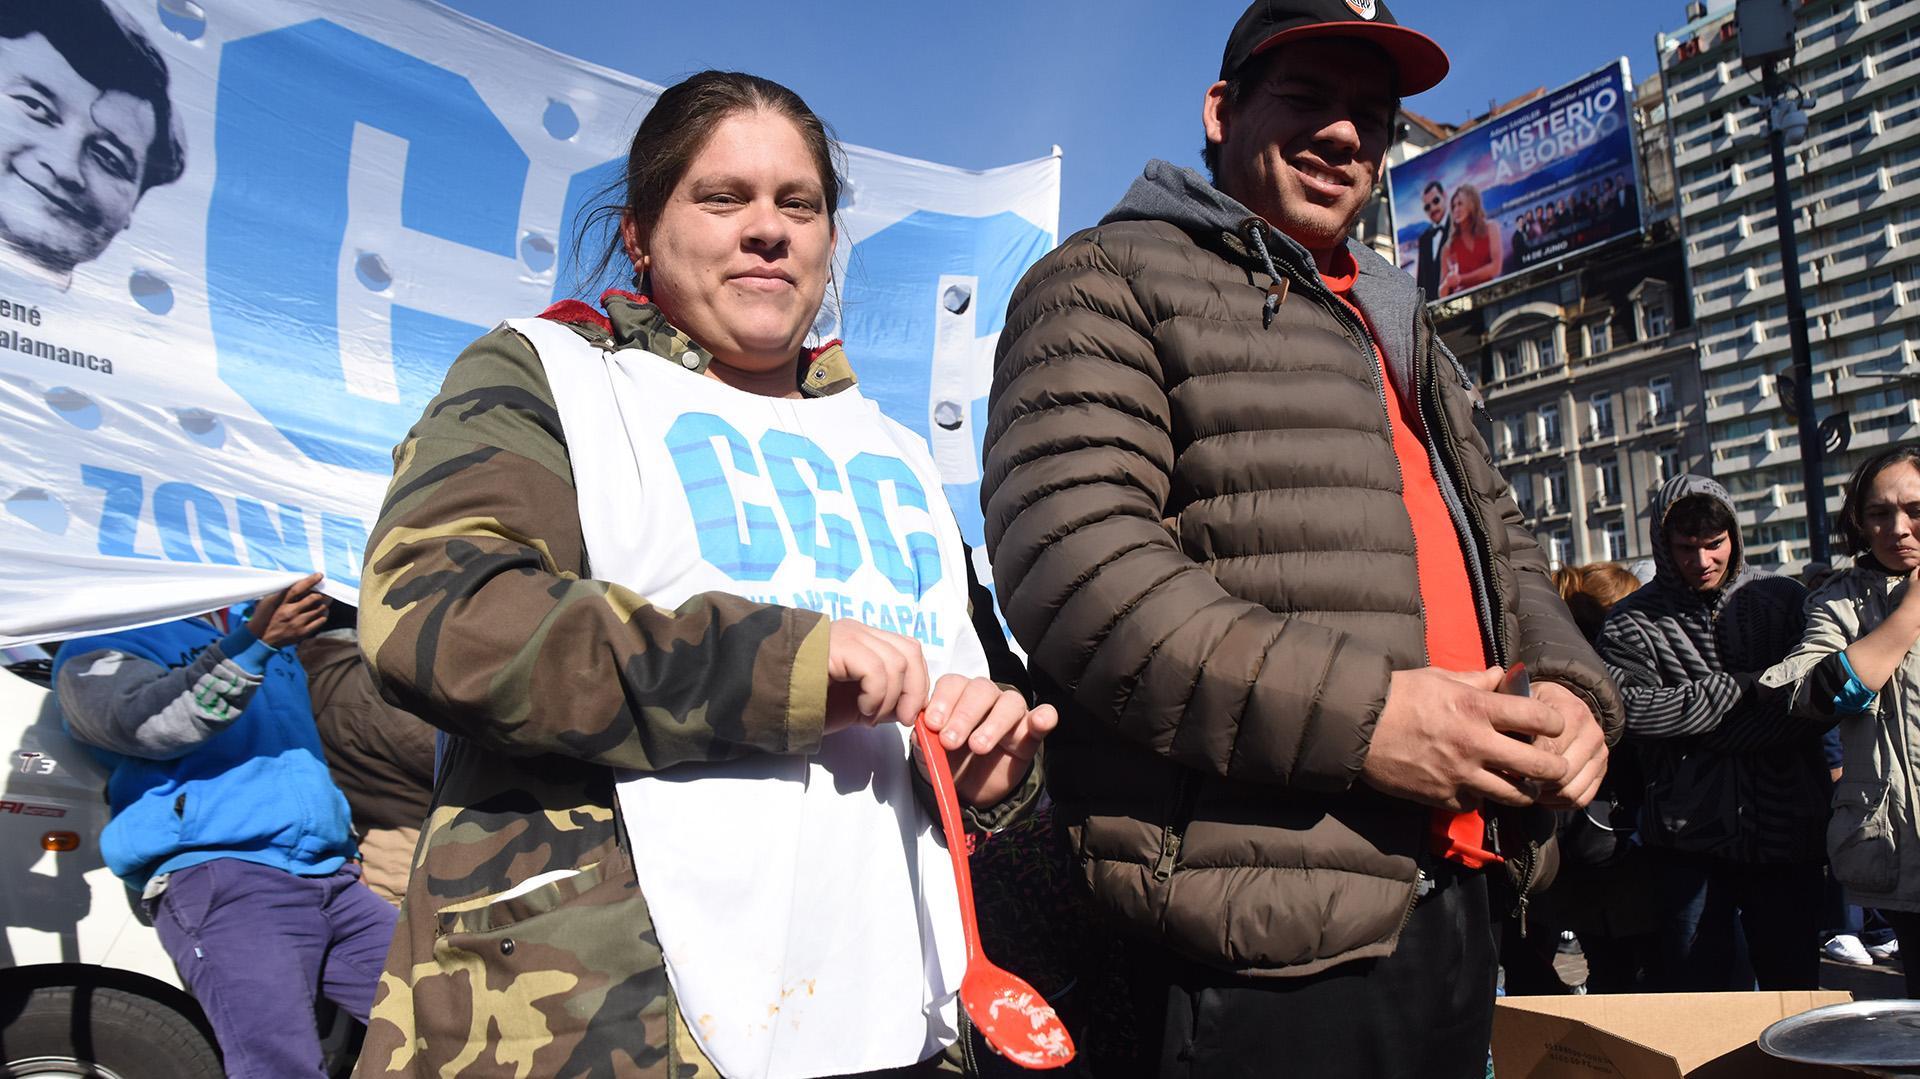 Los movimientos sociales solicitan también la asignación de presupuesto para la ley de Urbanización de Barrios Populares, aprobada por unanimidad en el Congreso Nacional, y la inclusión al Consejo del Salario Mínimo Vital y Móvil